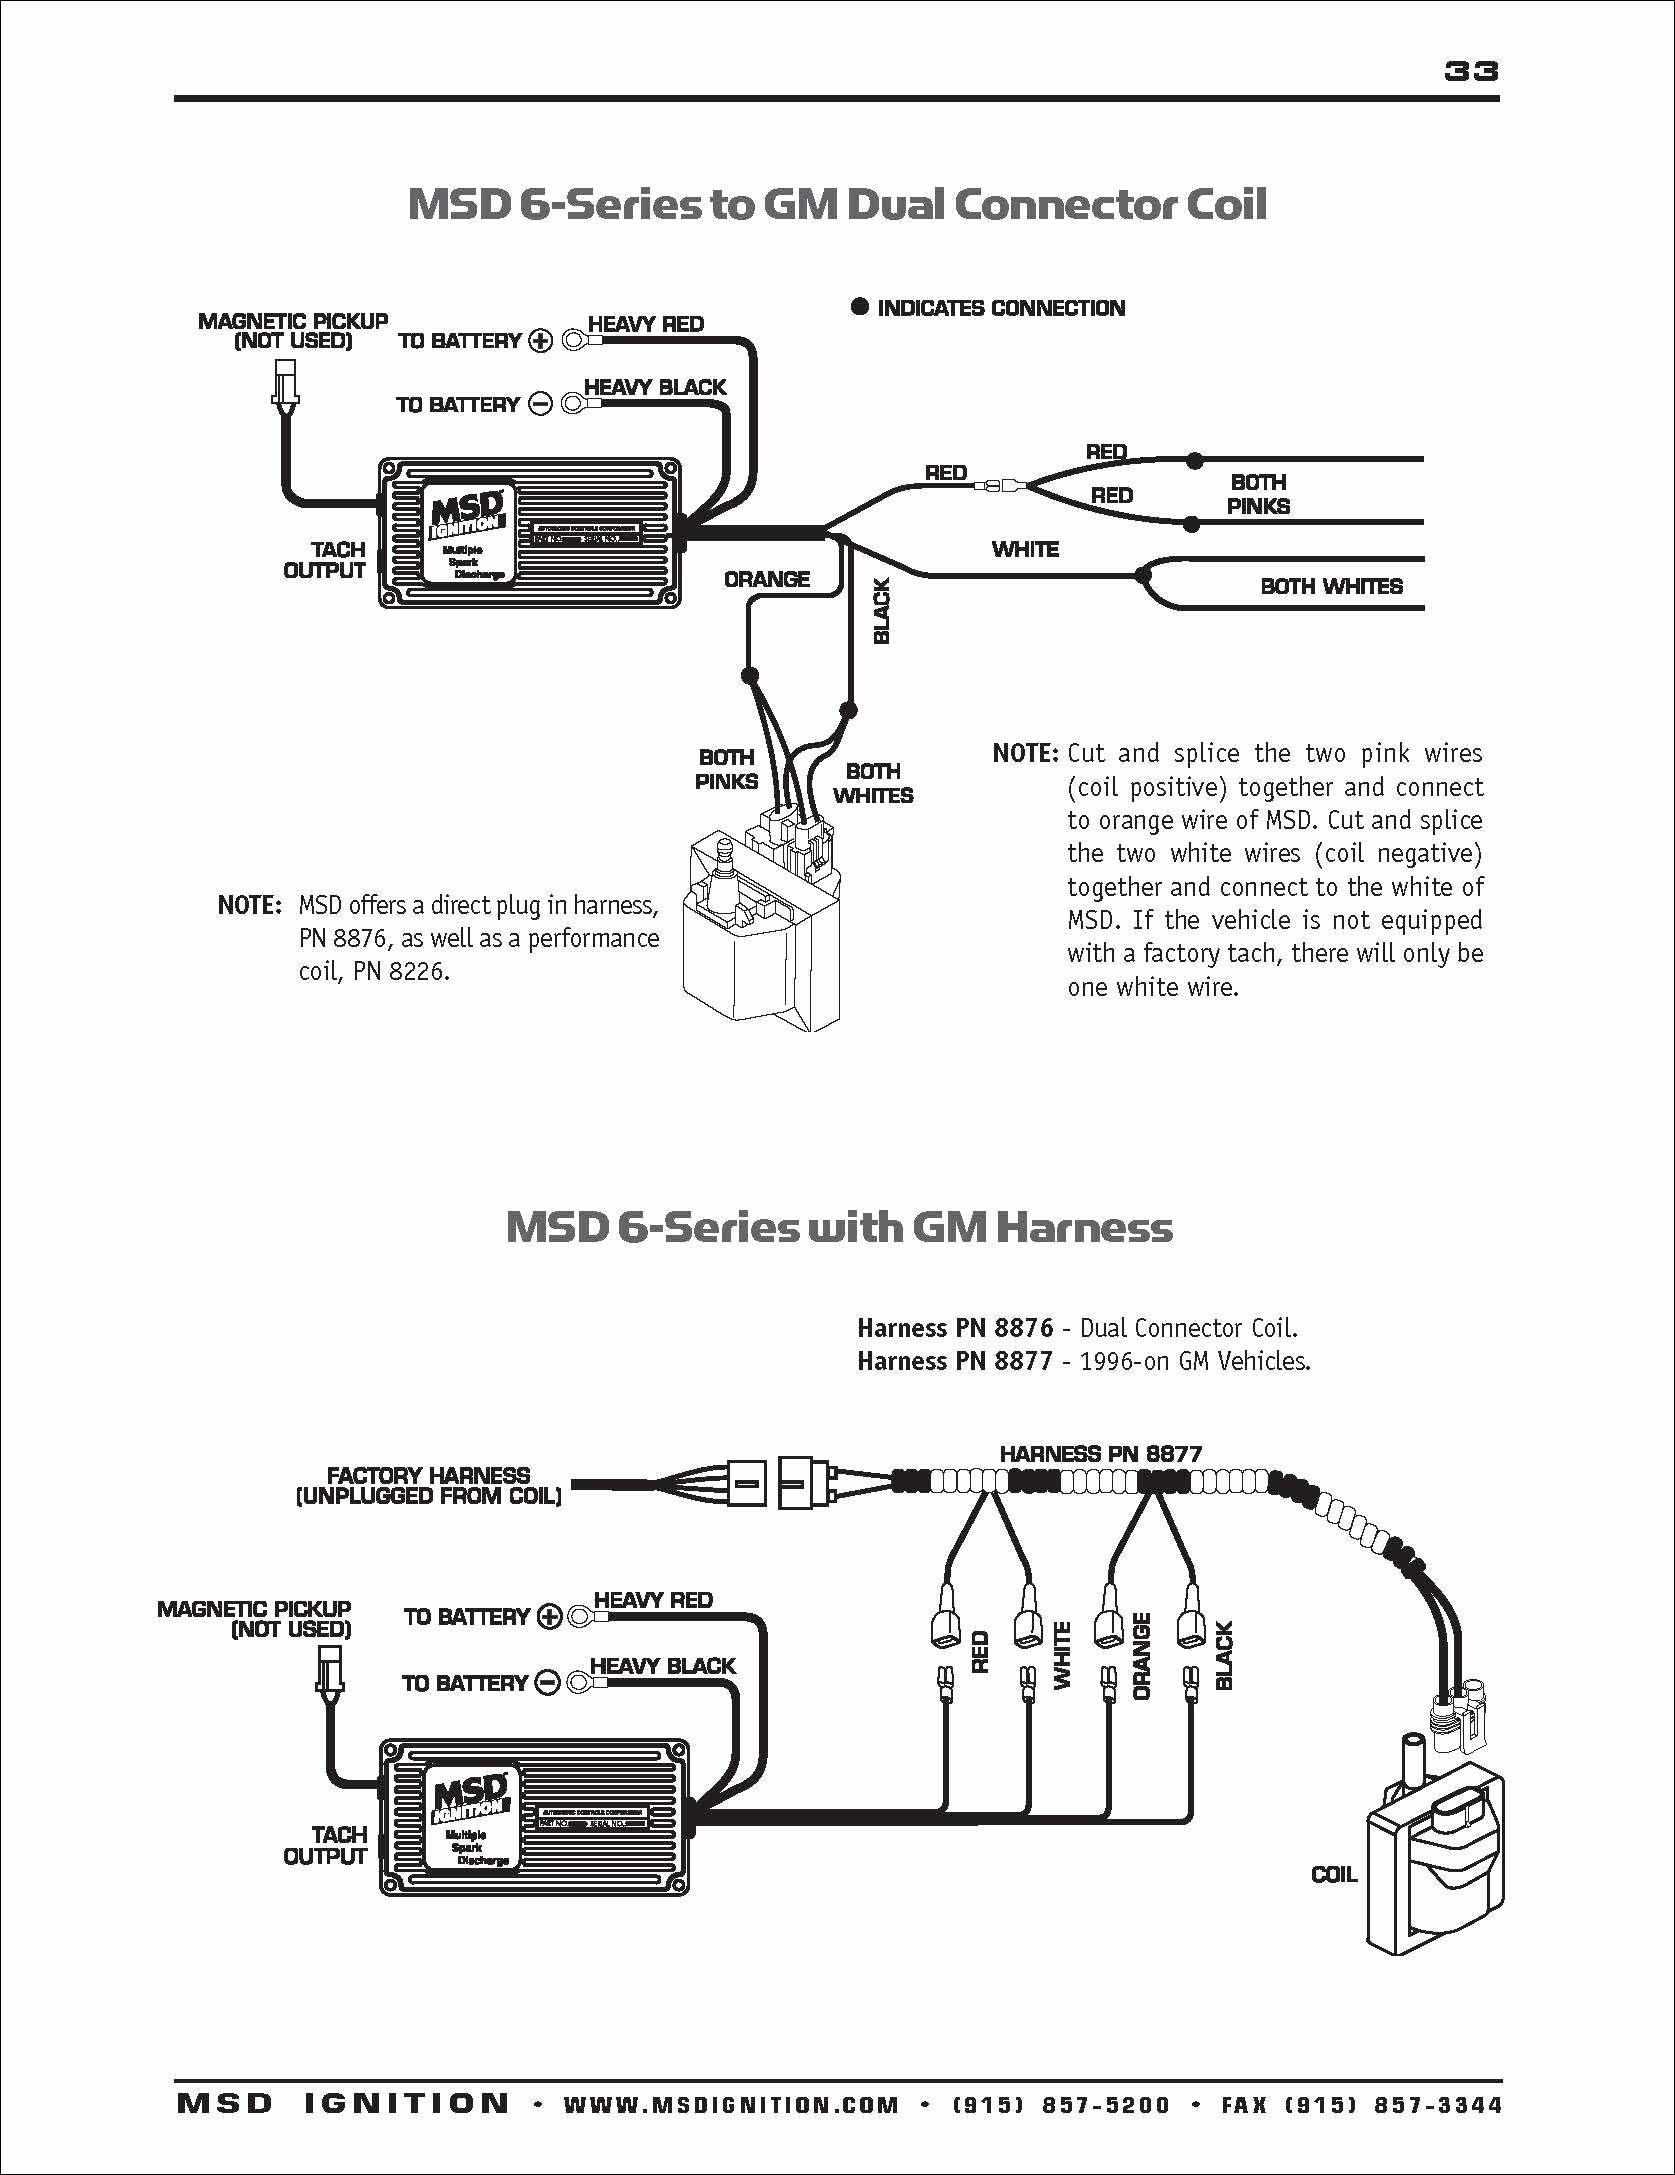 Metra 70 1761 Wiring Diagram | Wiring Diagram - Metra 70-1761 Wiring Diagram